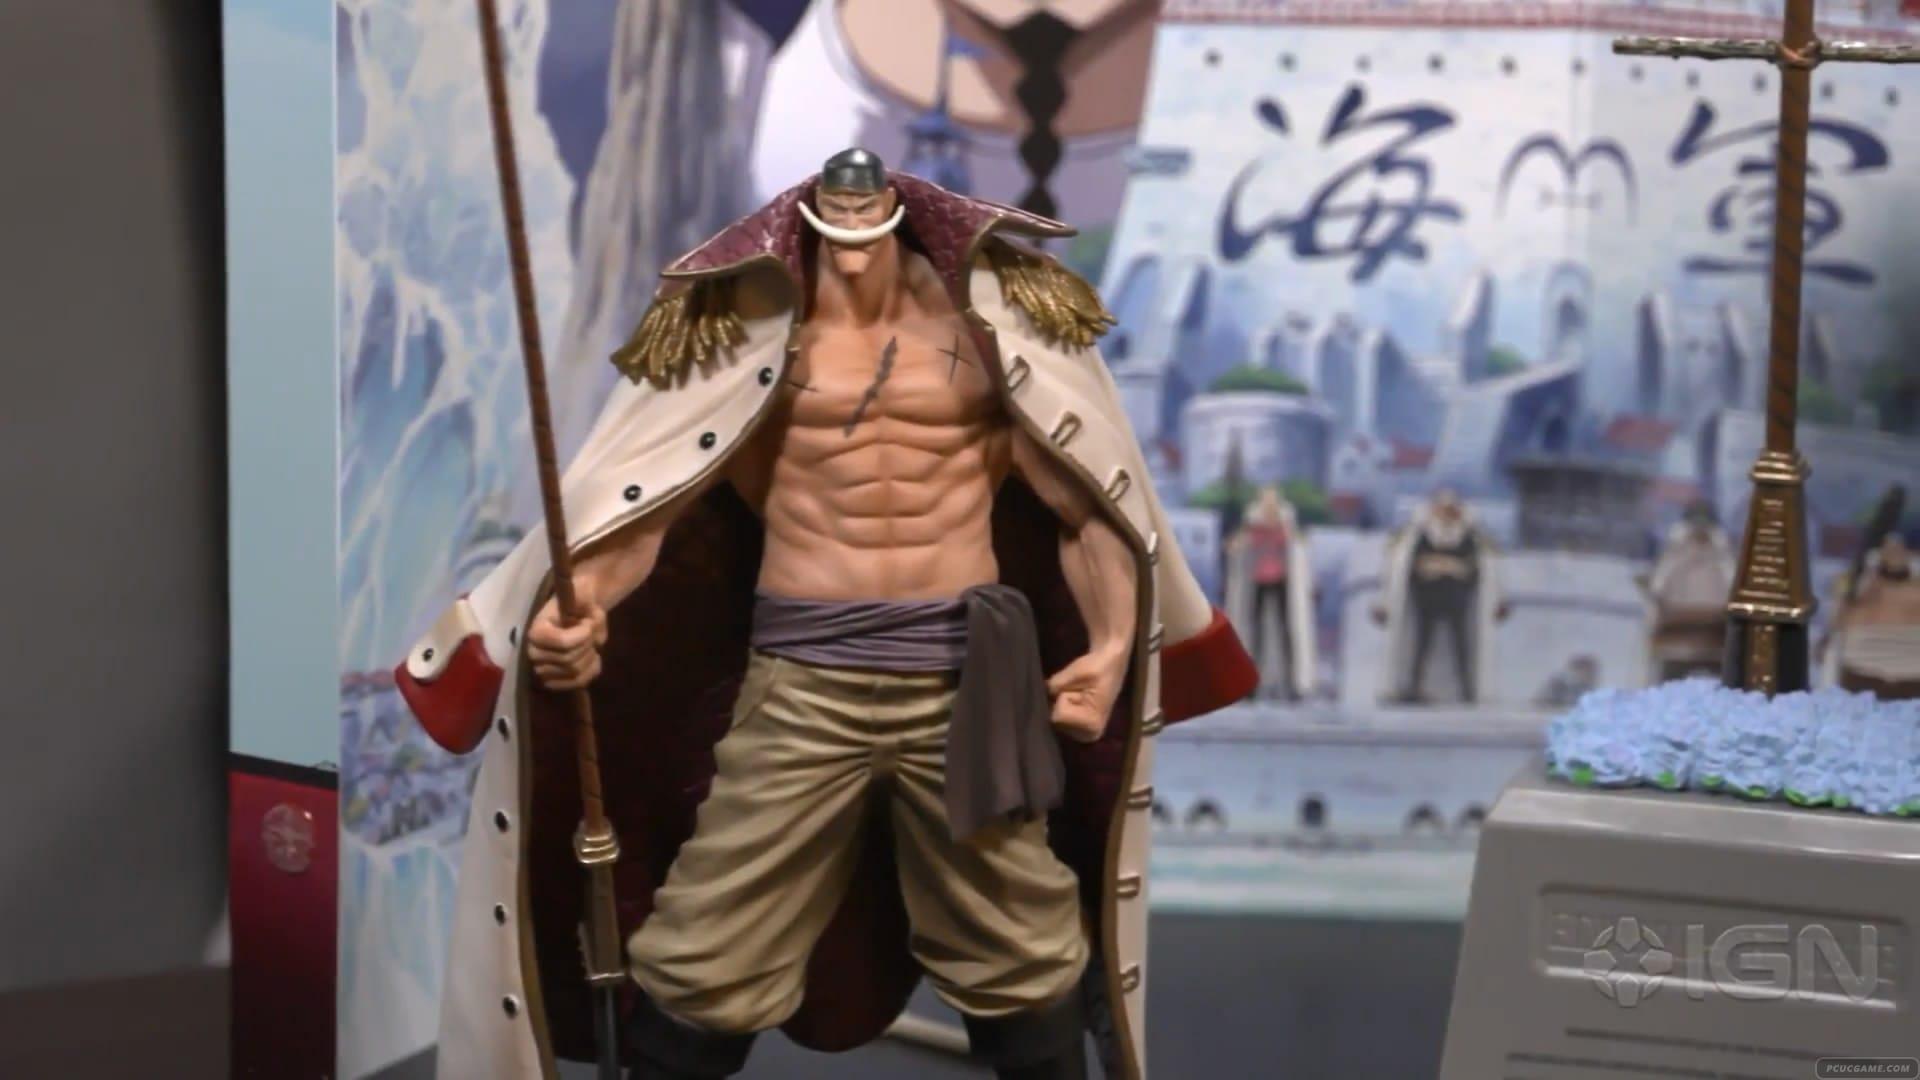 《海賊王:燃燒熱血》典藏版開箱 霸氣白鬍子登場 | 蝦米攻略網